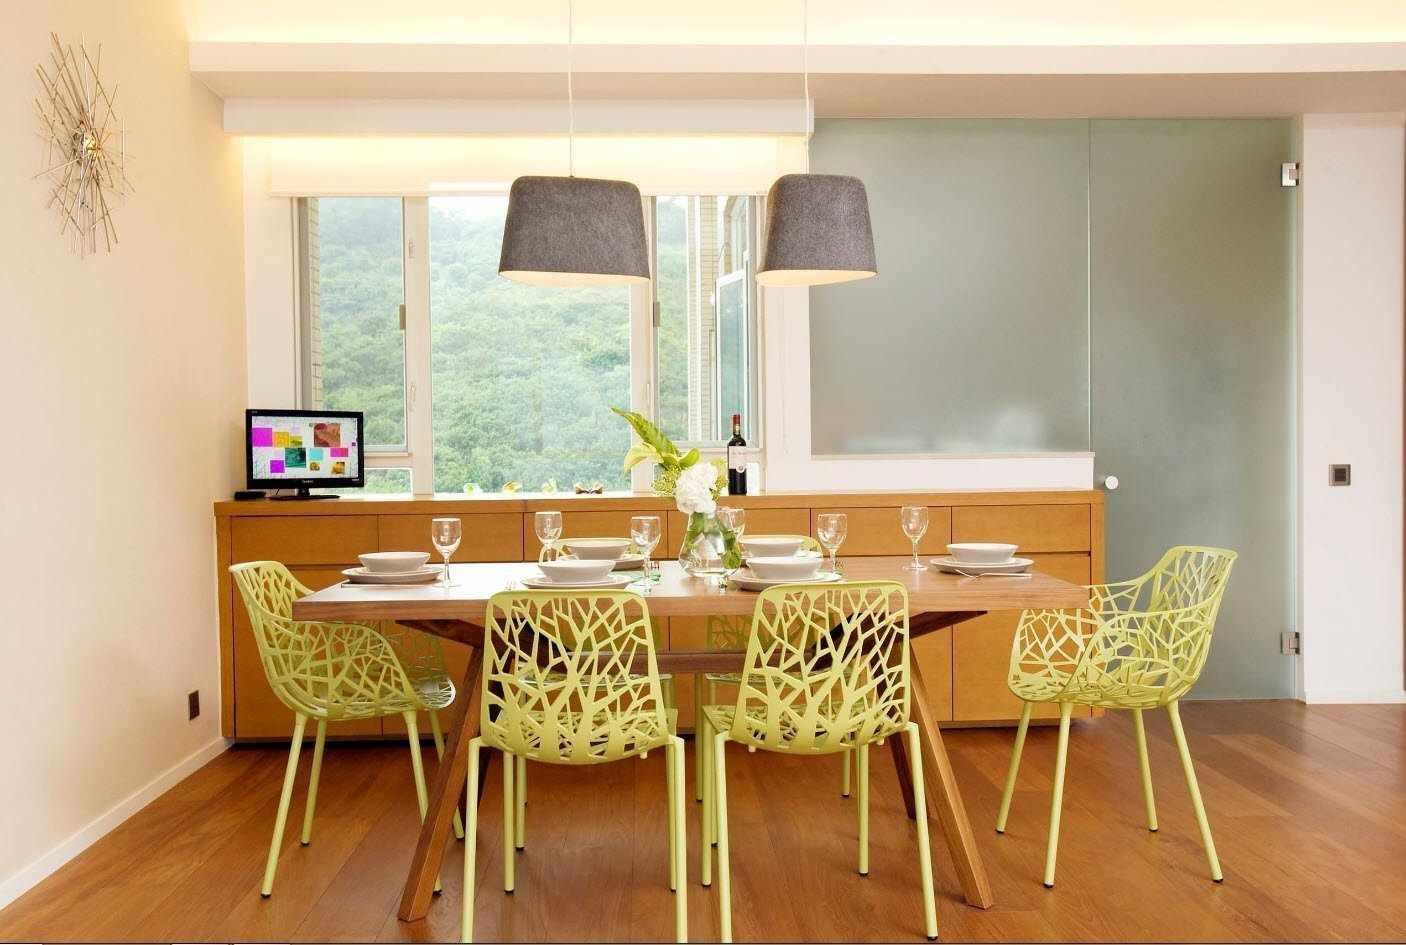 Стол в обеденной зоне